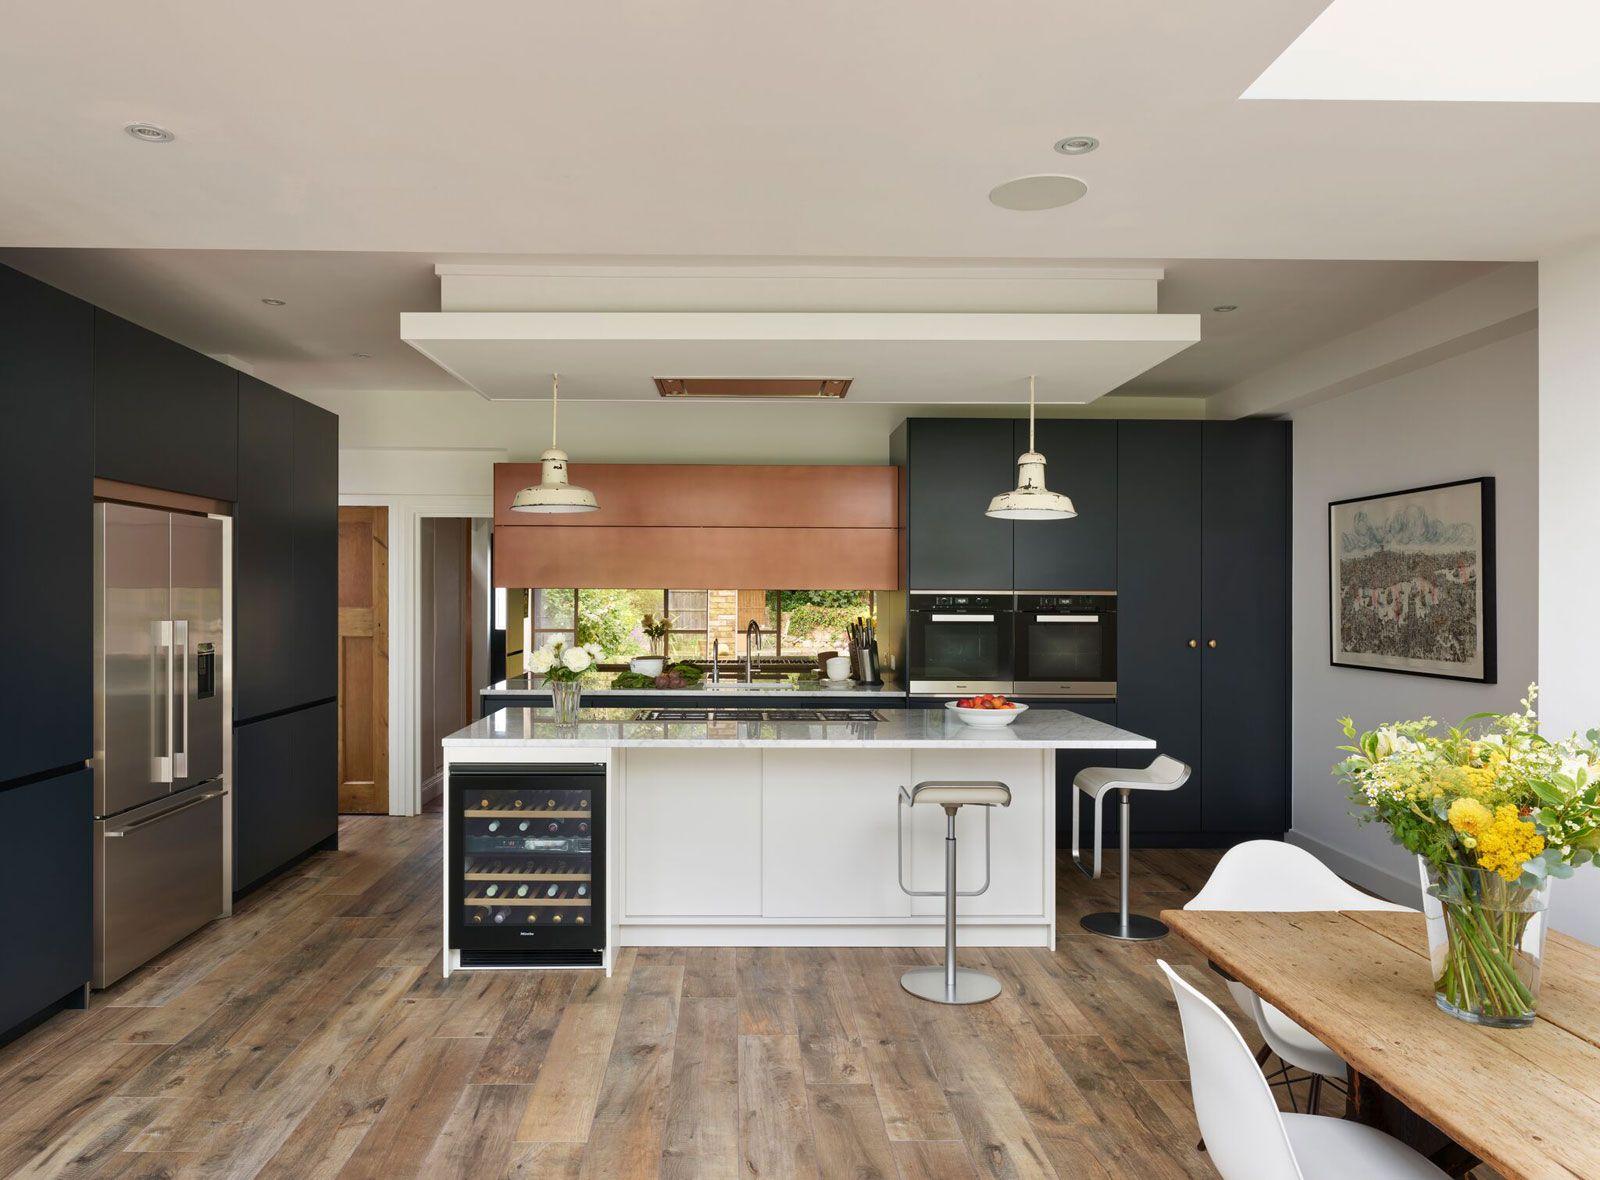 Roundhouse Design Cocinas modernas, Cocinas, Interiores